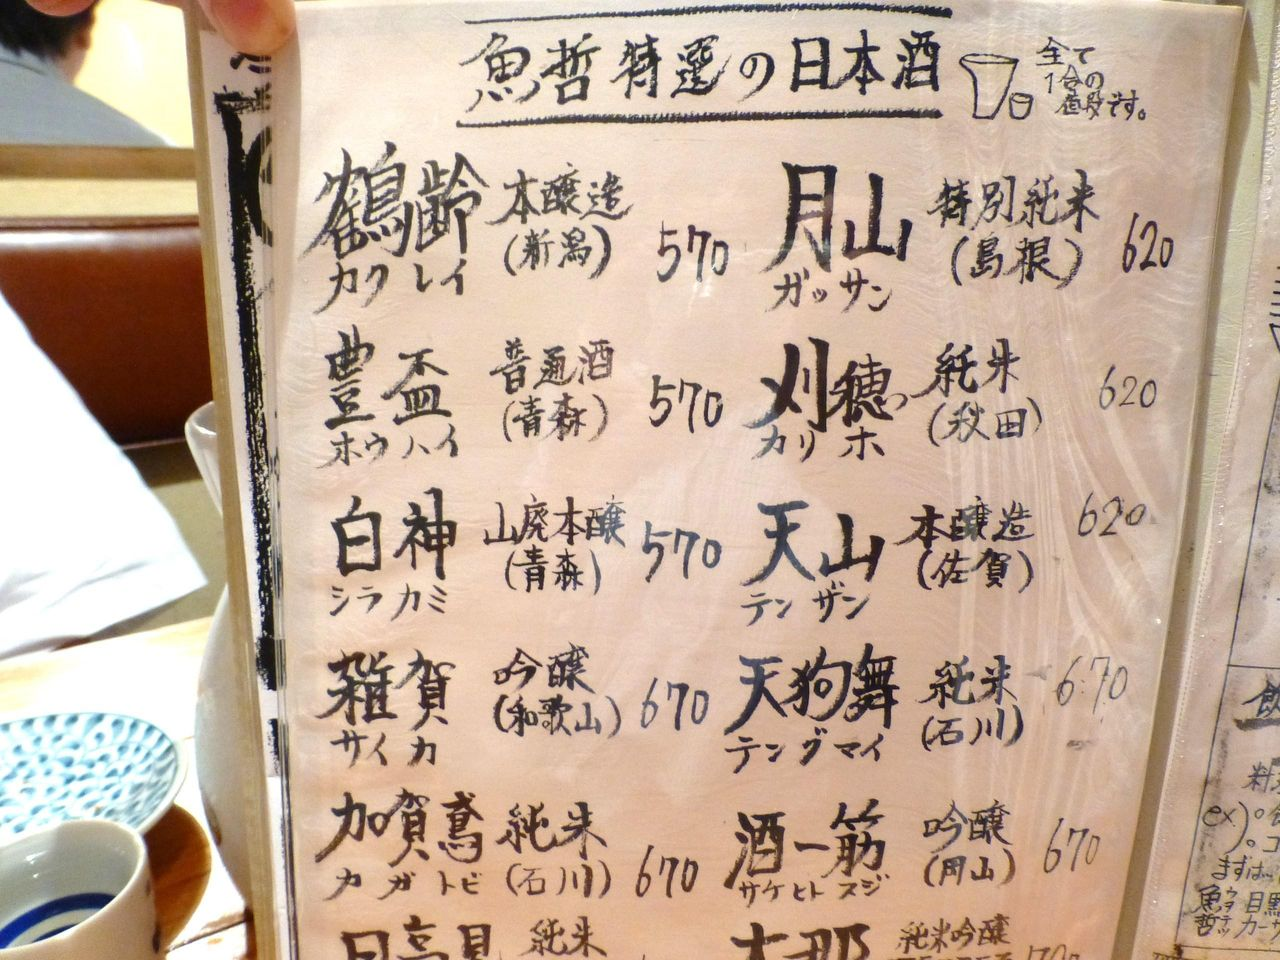 一部の銘柄を除いたブランド日本酒も飲み放題です!